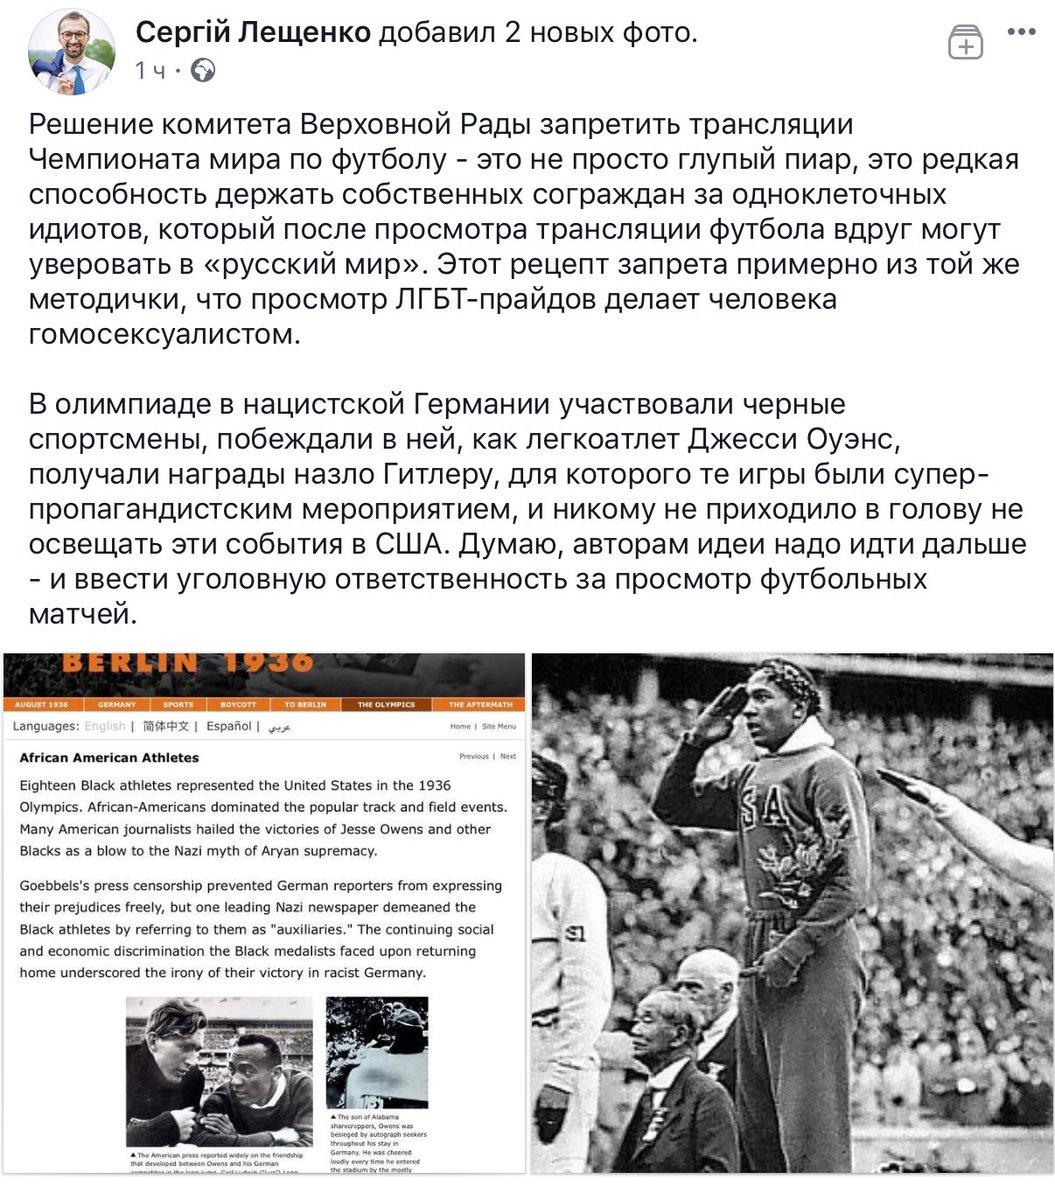 """""""Вони здатні на все"""", - Грицак попередив про інсценування з боку РФ під час ЧС-2018 - Цензор.НЕТ 6125"""